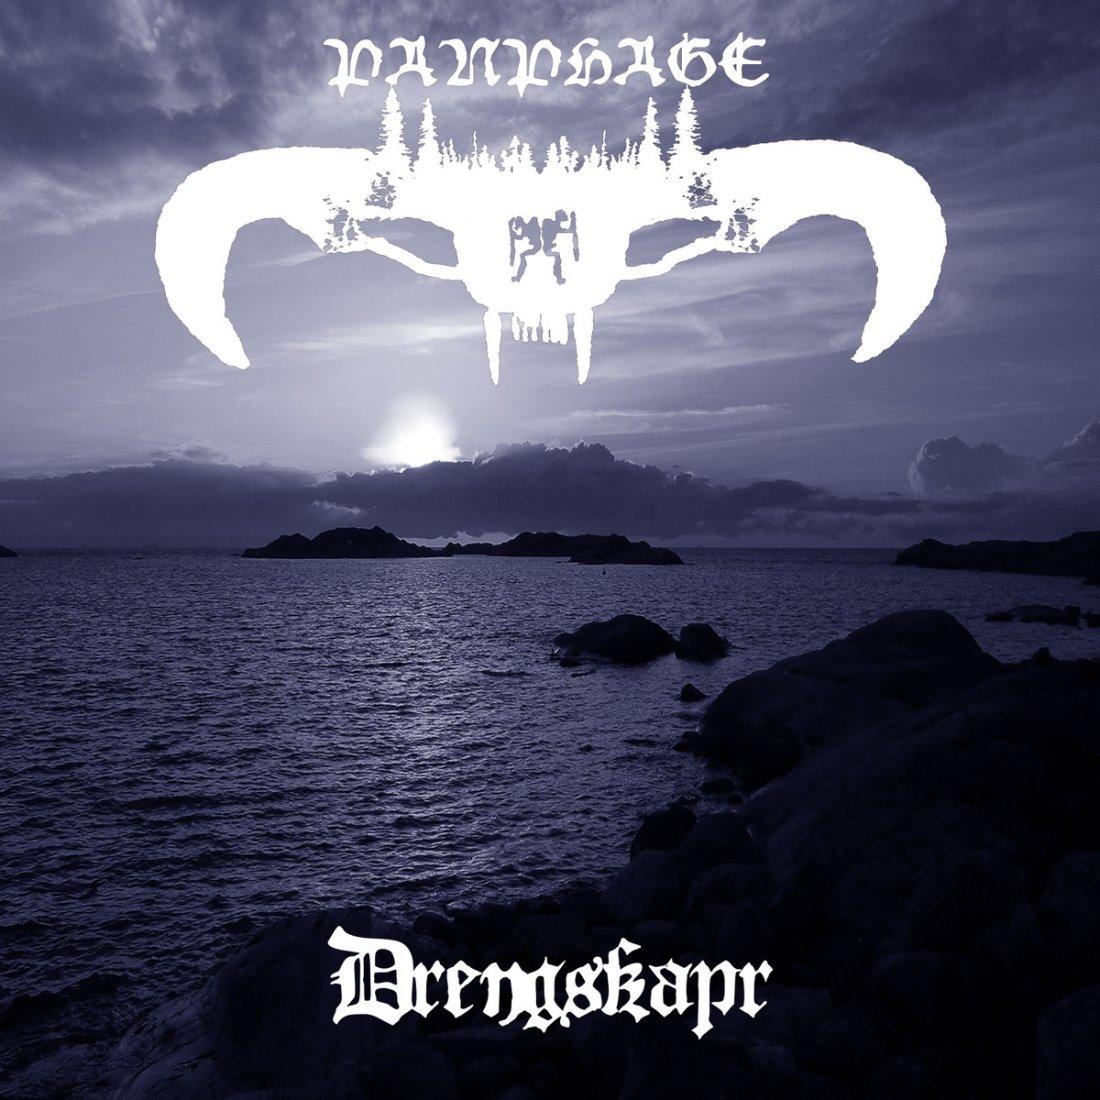 panphage_drengskapr